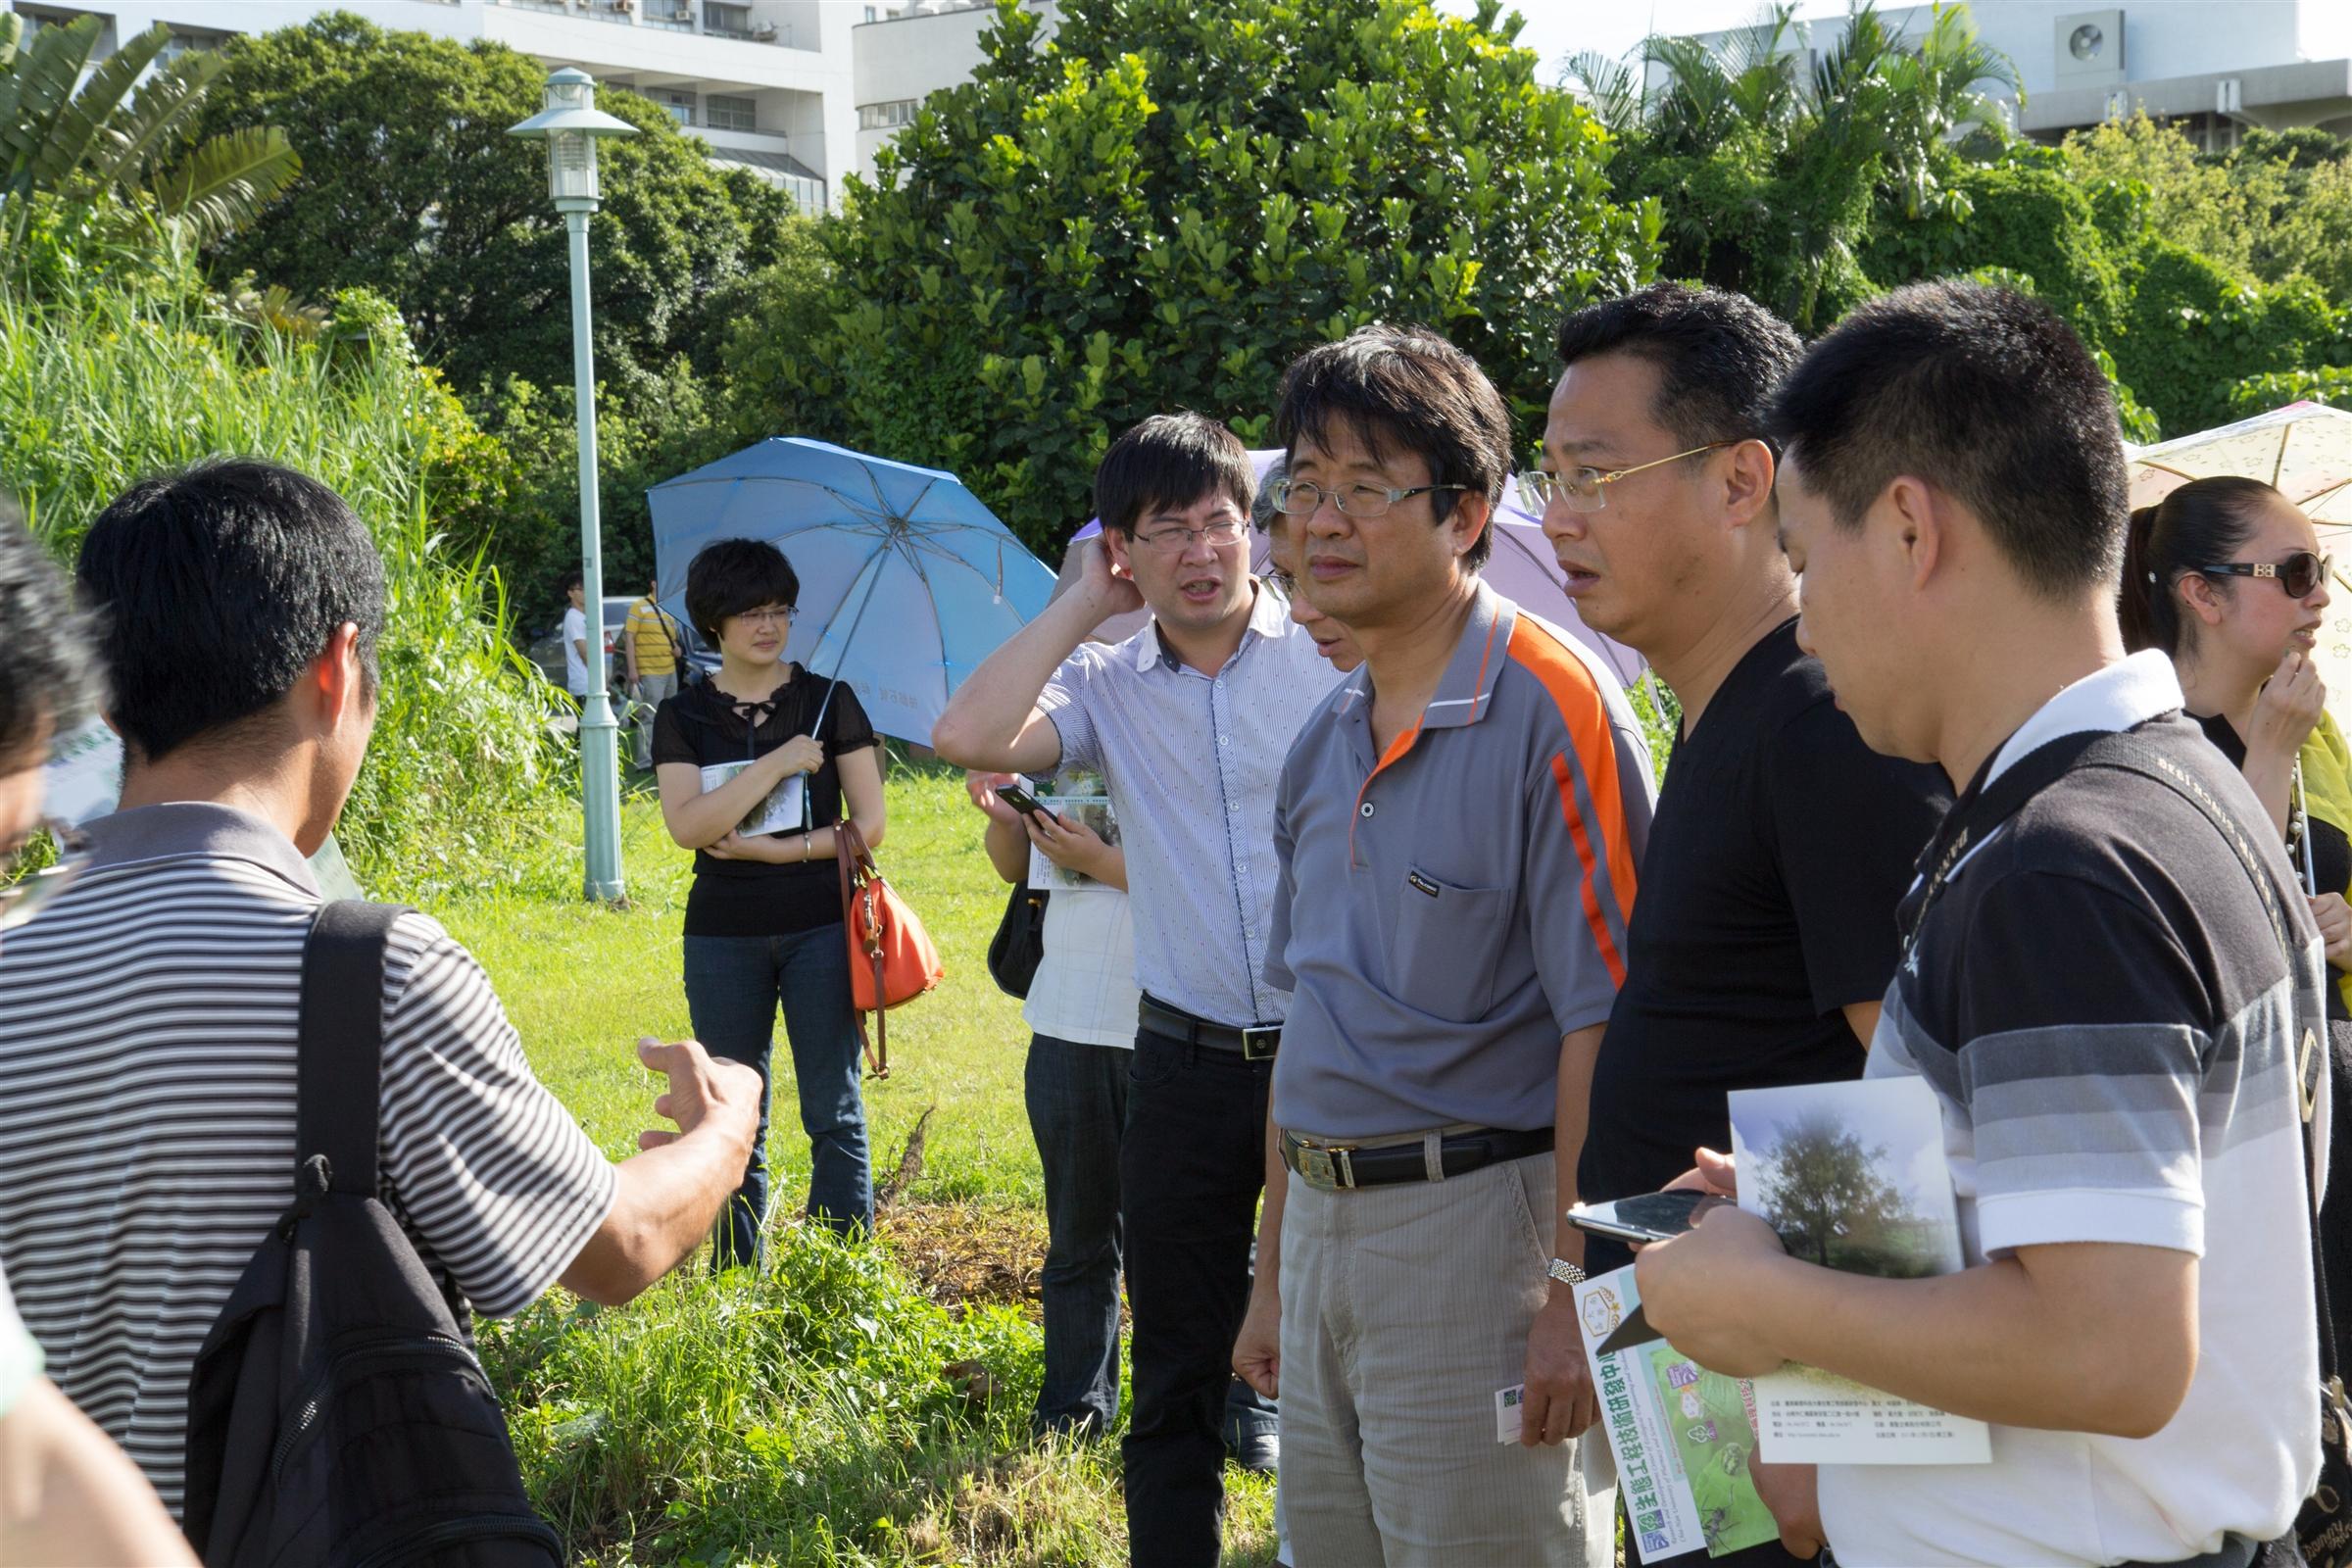 生態中心副主任(環工系主任)向惡將農村促進會來賓介紹生態處理技術